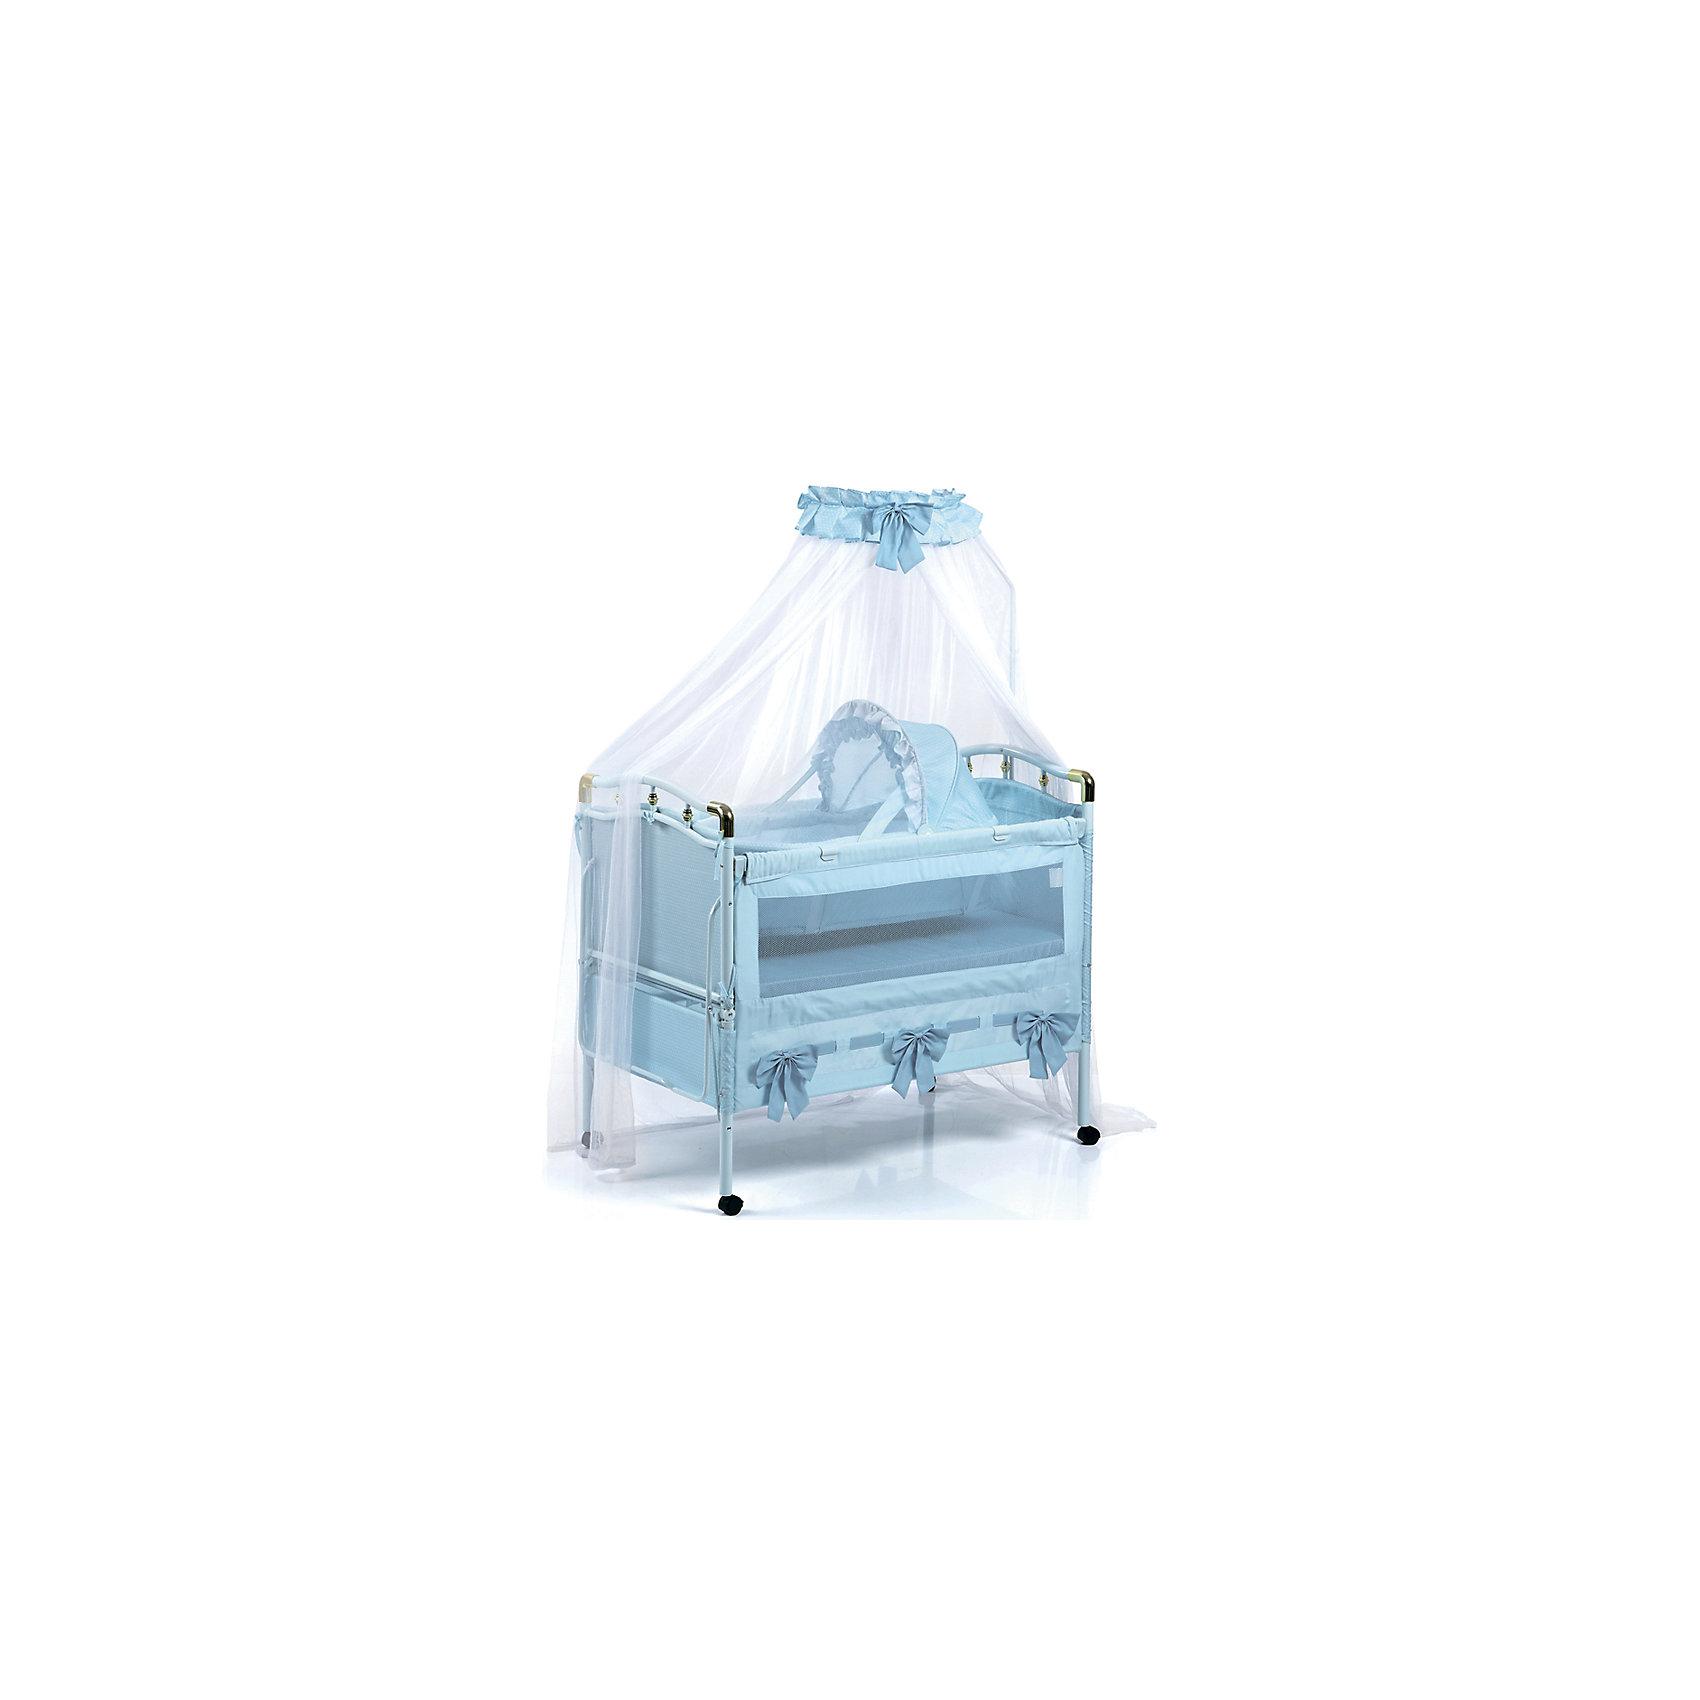 Кроватка-трансформер 05TLY668R (RBLU), Geoby, голубойМногофункциональная детская кроватка-трансформер Geoby TLY668R - сочетает в себе комфорт, качество и безопасность. Она прекрасно сочетается с любым оформлением детской комнаты и поможет создать атмосферу уюта. <br>Характеристика:<br><br>Металлическая<br>От рождения до 7 лет<br>Дно кроватки устанавливается на 2 уровня по высоте<br>Откидывающиеся боковые стенки<br>Мягкие боковые стенки<br>Кровать увеличивается по длине<br>Колёсные опоры с фиксаторами<br>В комплекте: подвесная люлька с москитной сеткой, балдахин, матрас.<br><br>Размеры без балдахина: 1200 х 685 х 1160 мм.<br><br>Ширина мм: 1170<br>Глубина мм: 235<br>Высота мм: 745<br>Вес г: 25000<br>Возраст от месяцев: 0<br>Возраст до месяцев: 84<br>Пол: Мужской<br>Возраст: Детский<br>SKU: 4703021